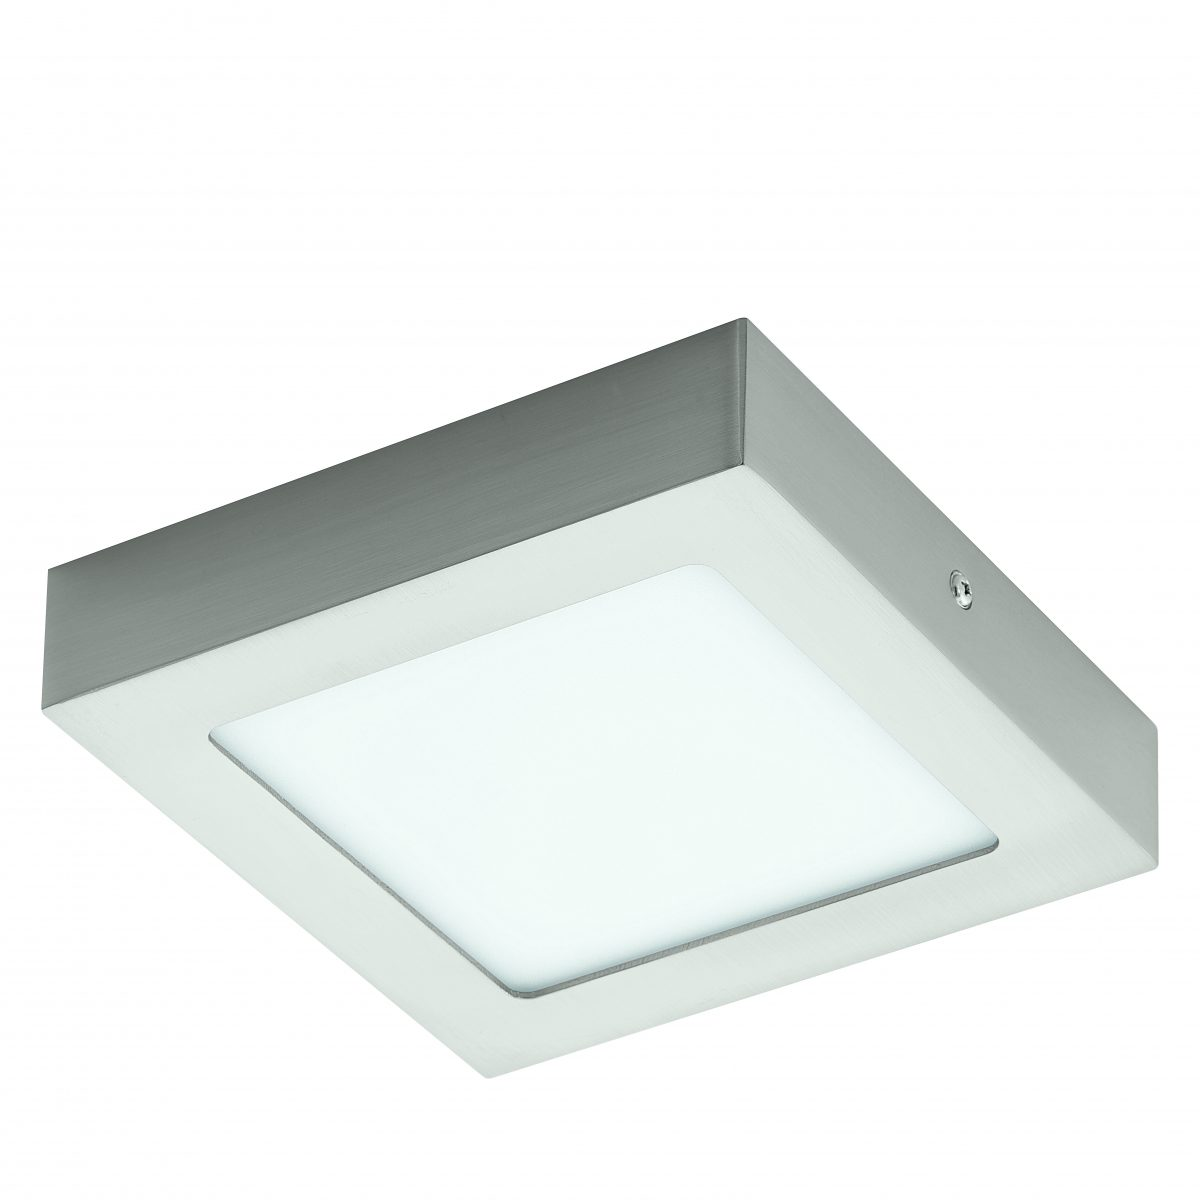 Светильник настенно-потолочный FUEVA 1 EGLO 32444 - Фото №28